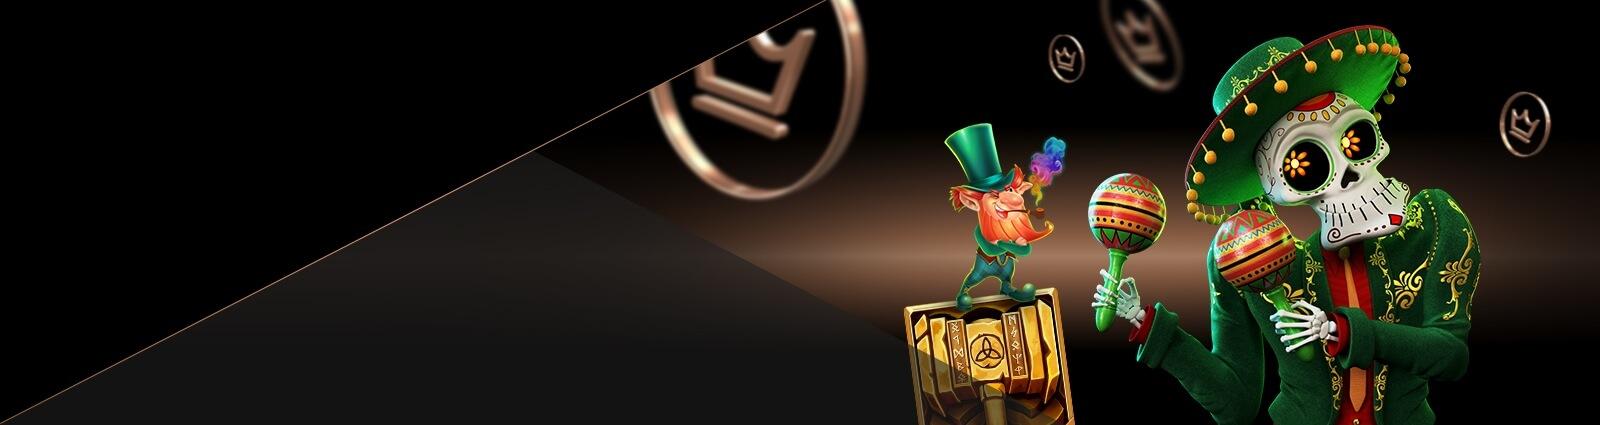 storspiller-live-blackjack4